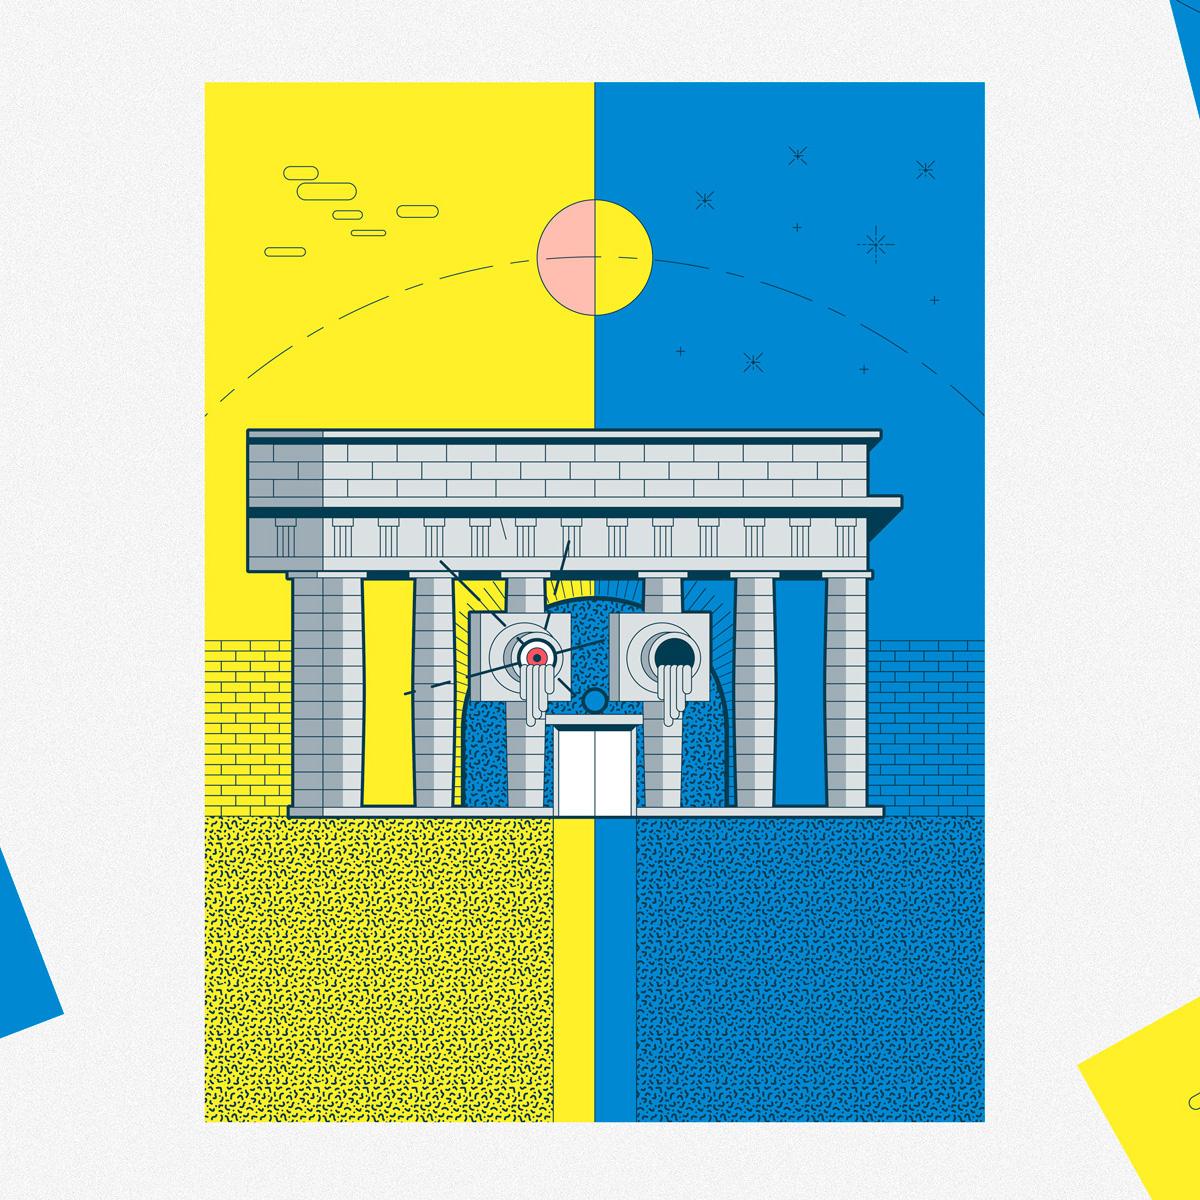 Maison-Tangible-Manufacture-images-objets-Besancon-Paris-Produits_Saline_Arcetsenans_Remi_Vincent_MaisonDirecteur_30x40_03_Carre.jpg